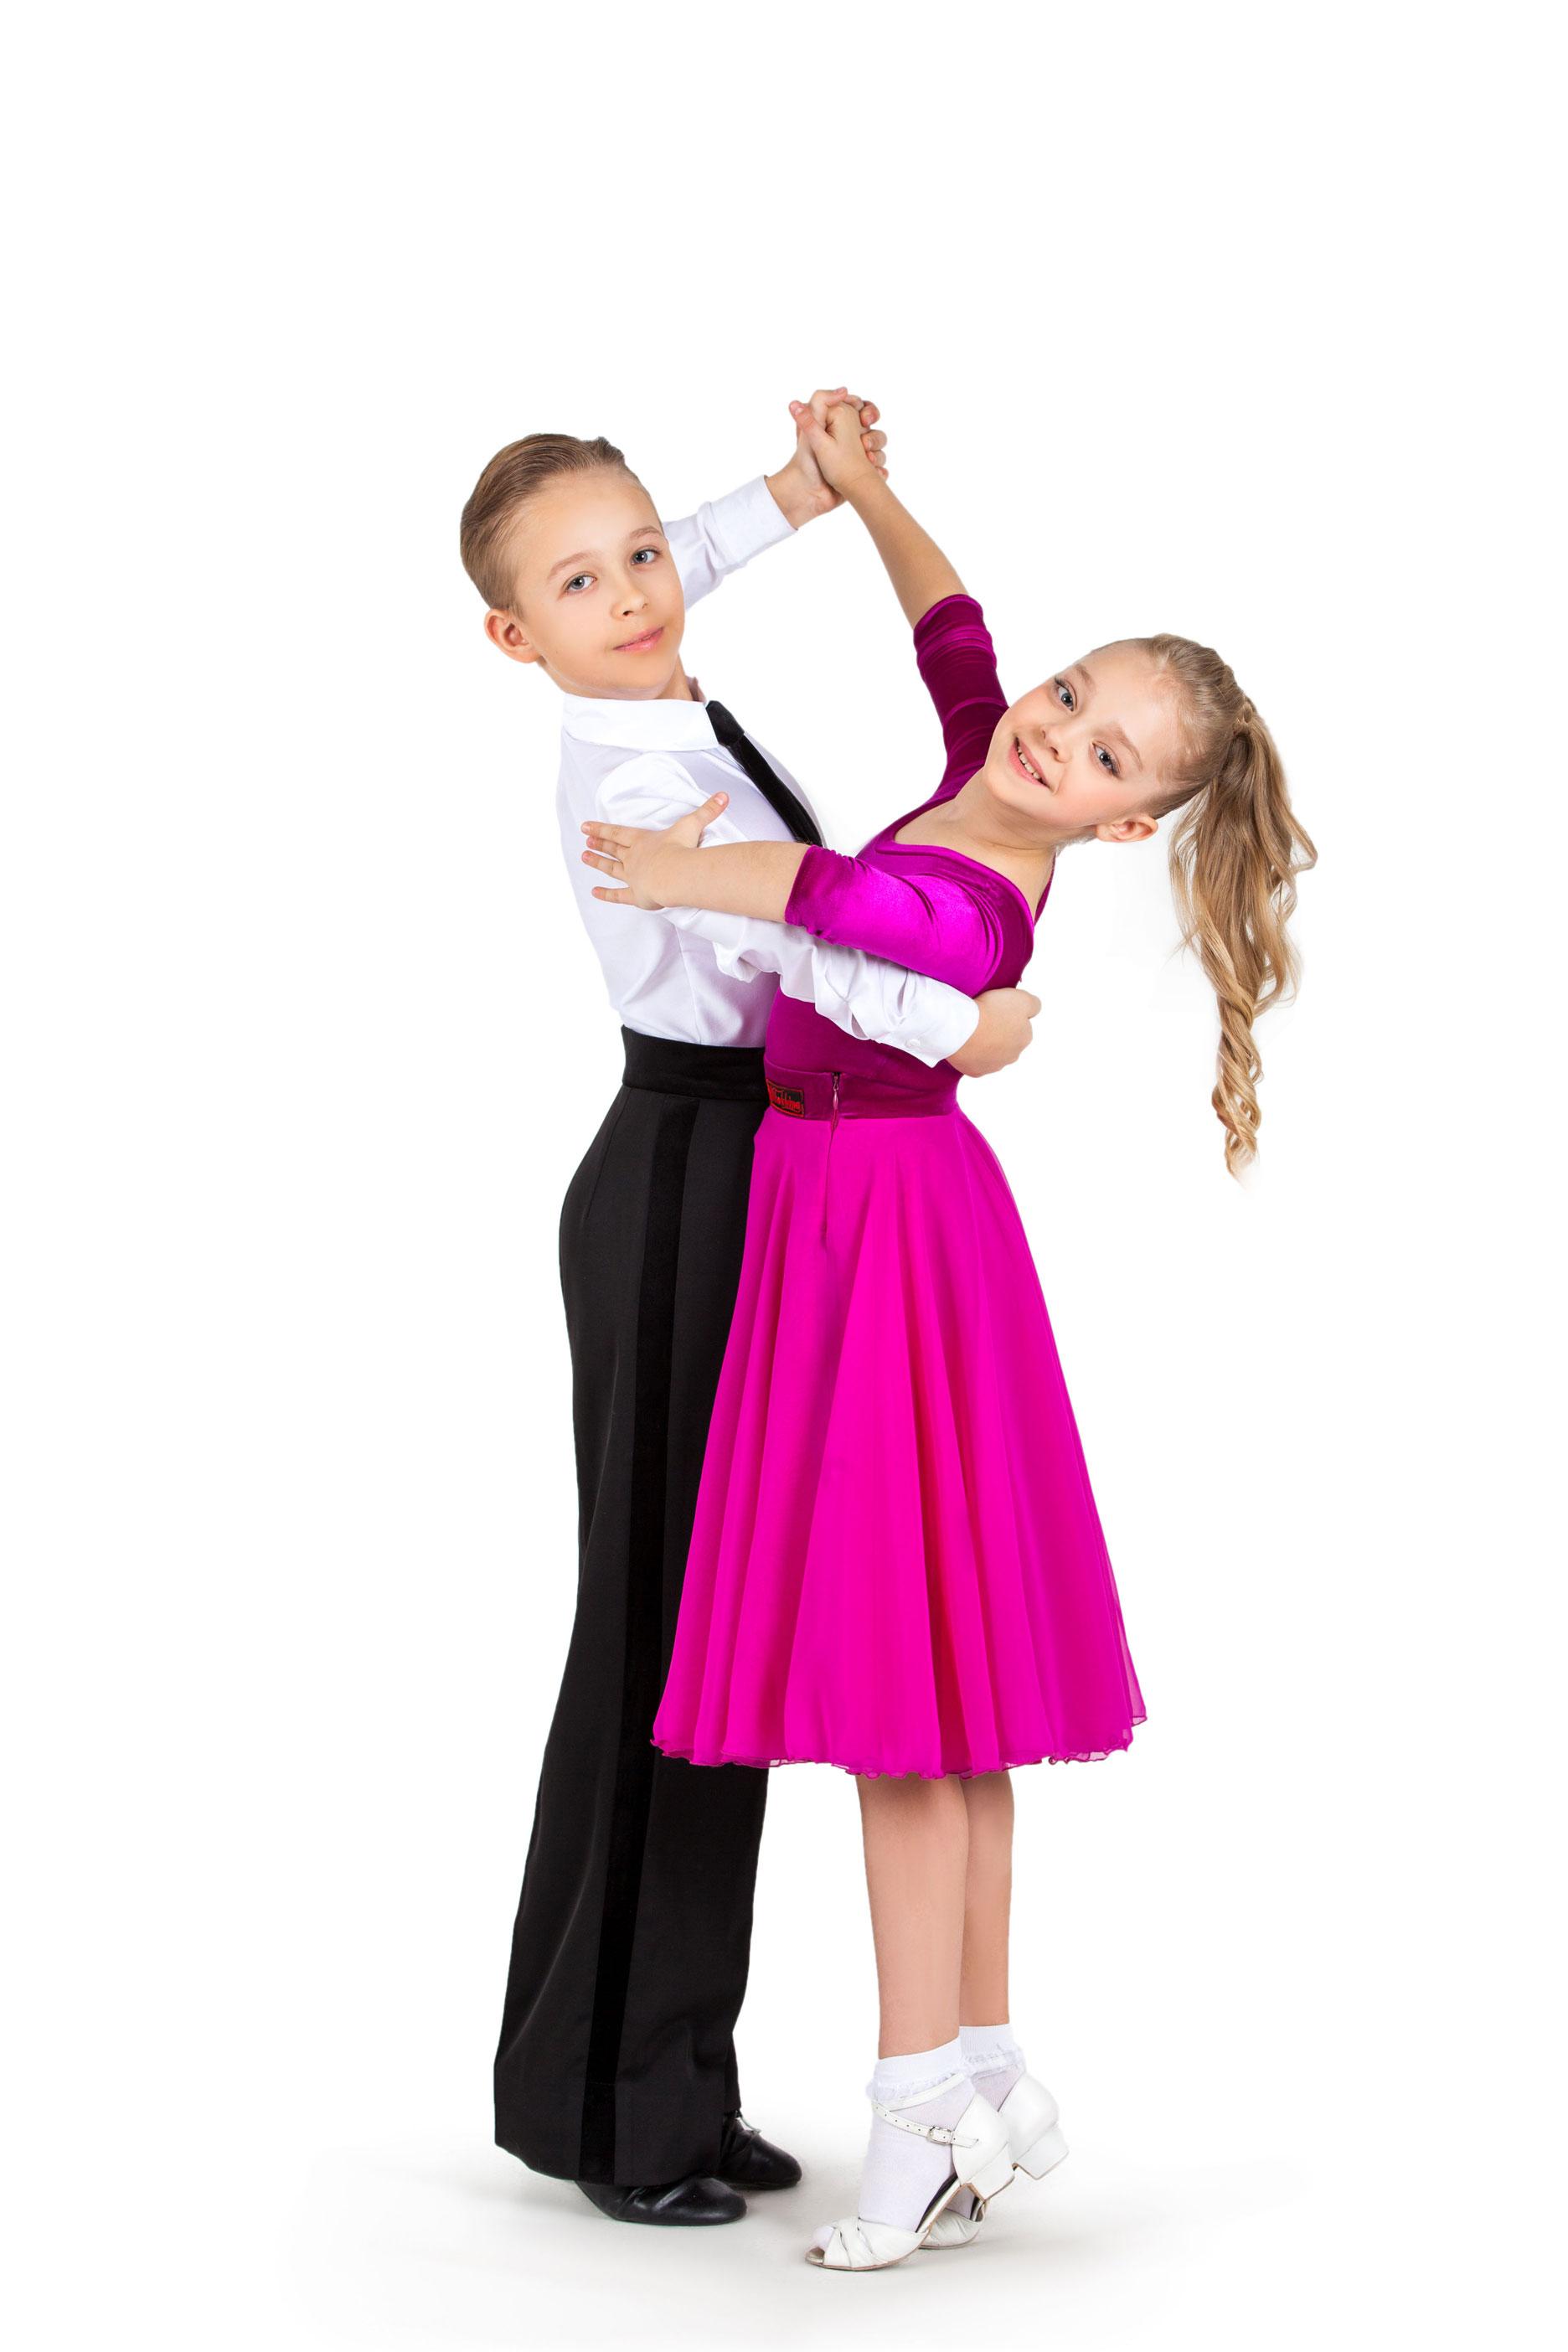 Картинки бальные танцы для детей, младшей группе